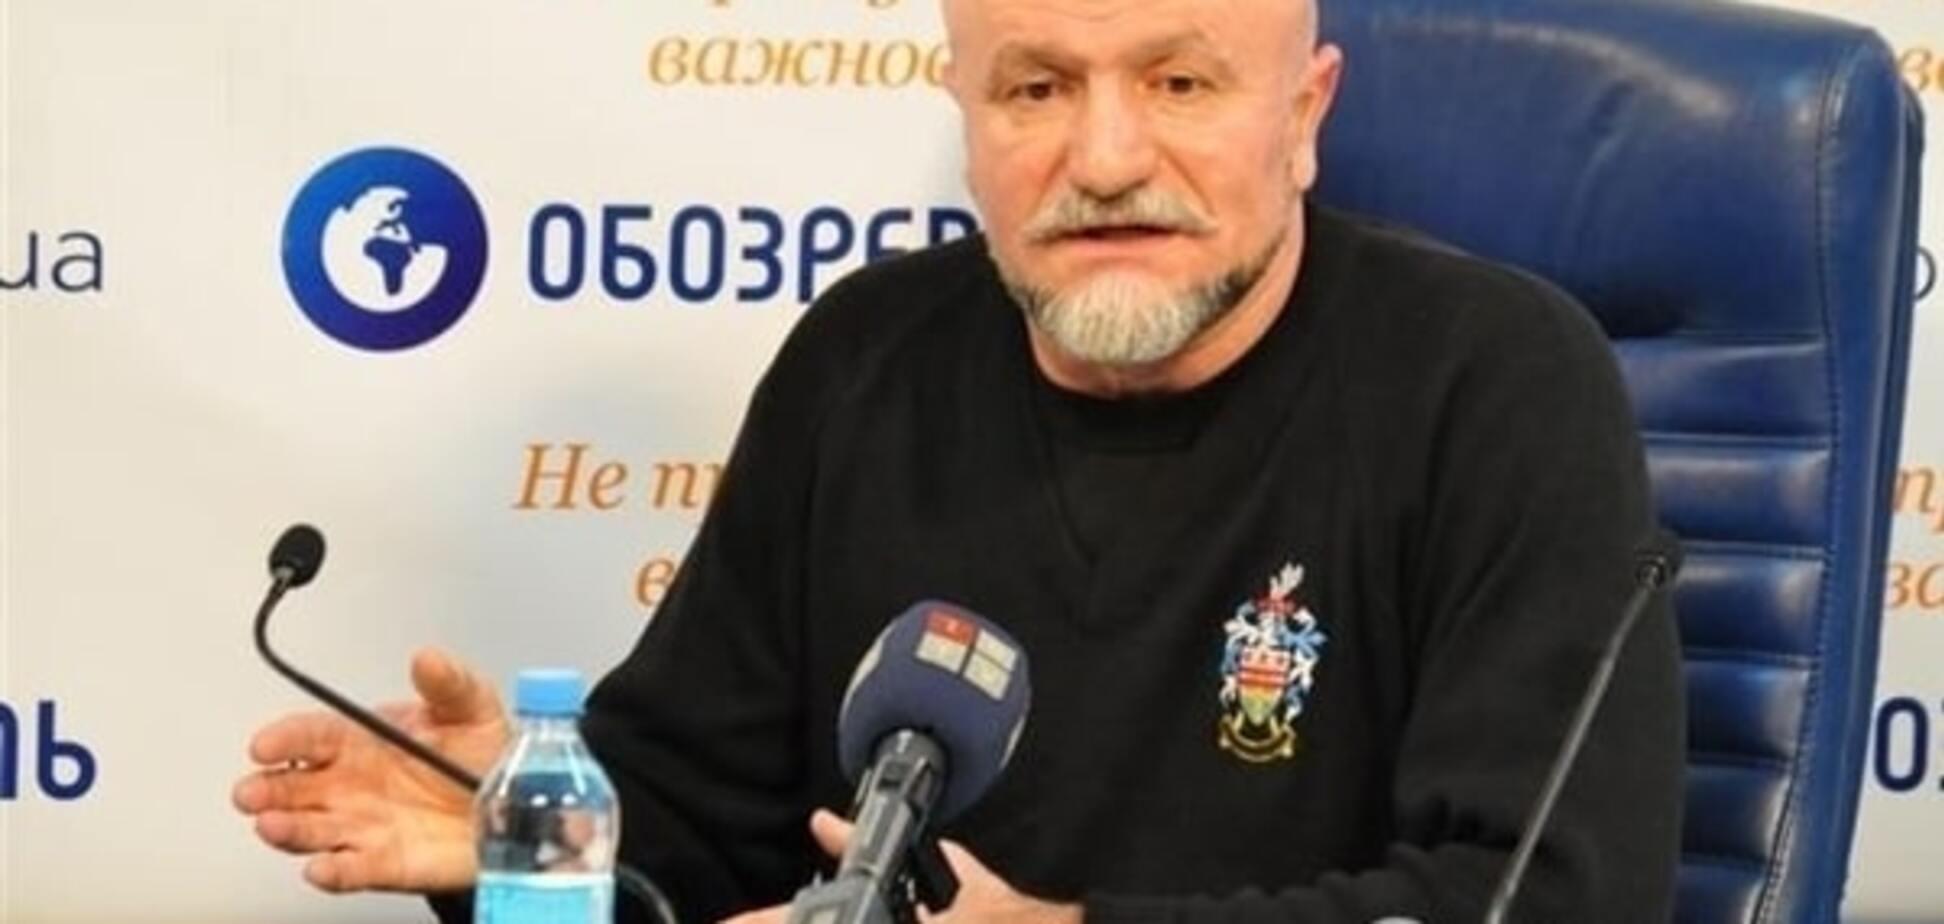 Новий фронт: полковник розвідки оцінив вірогідність війни в Криму